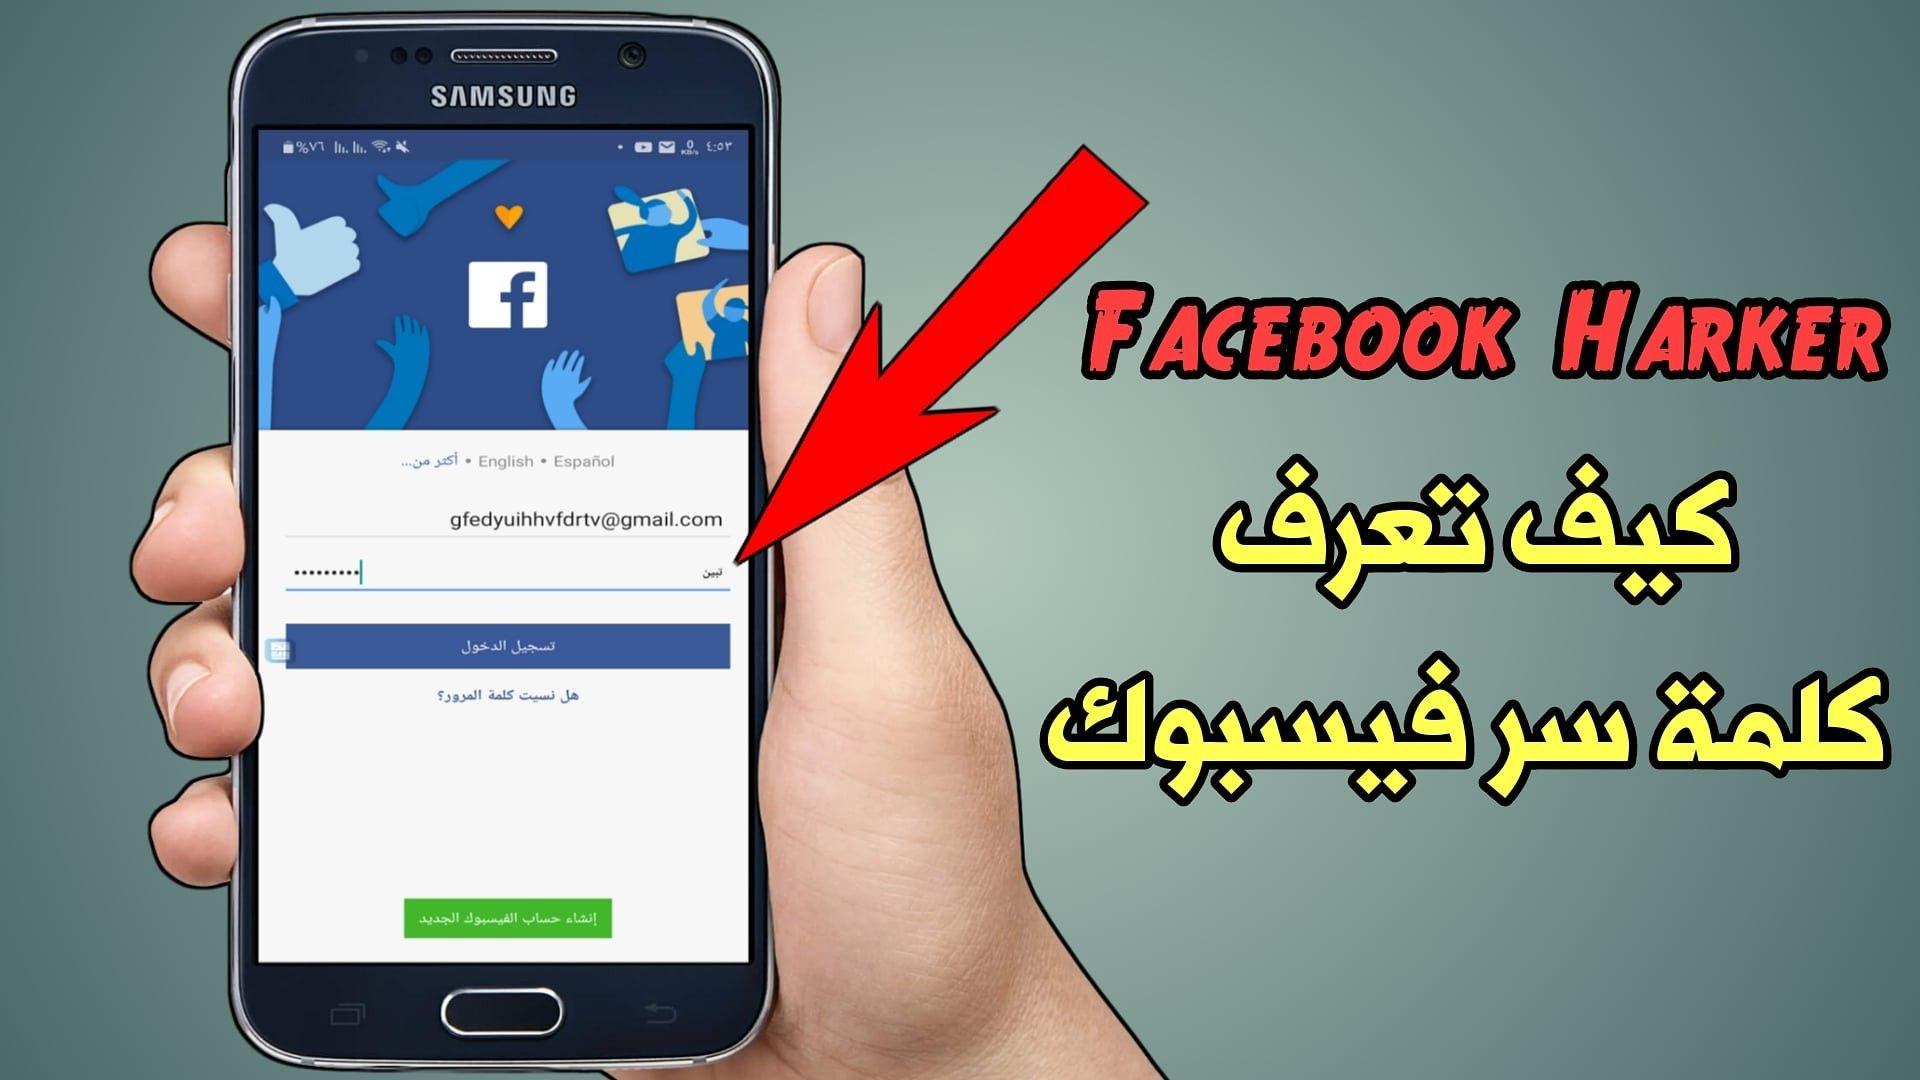 كيف تعرف كلمة سر فيسبوك على هاتف الأندرويد جرب بنفسك ولن تندم Facebook